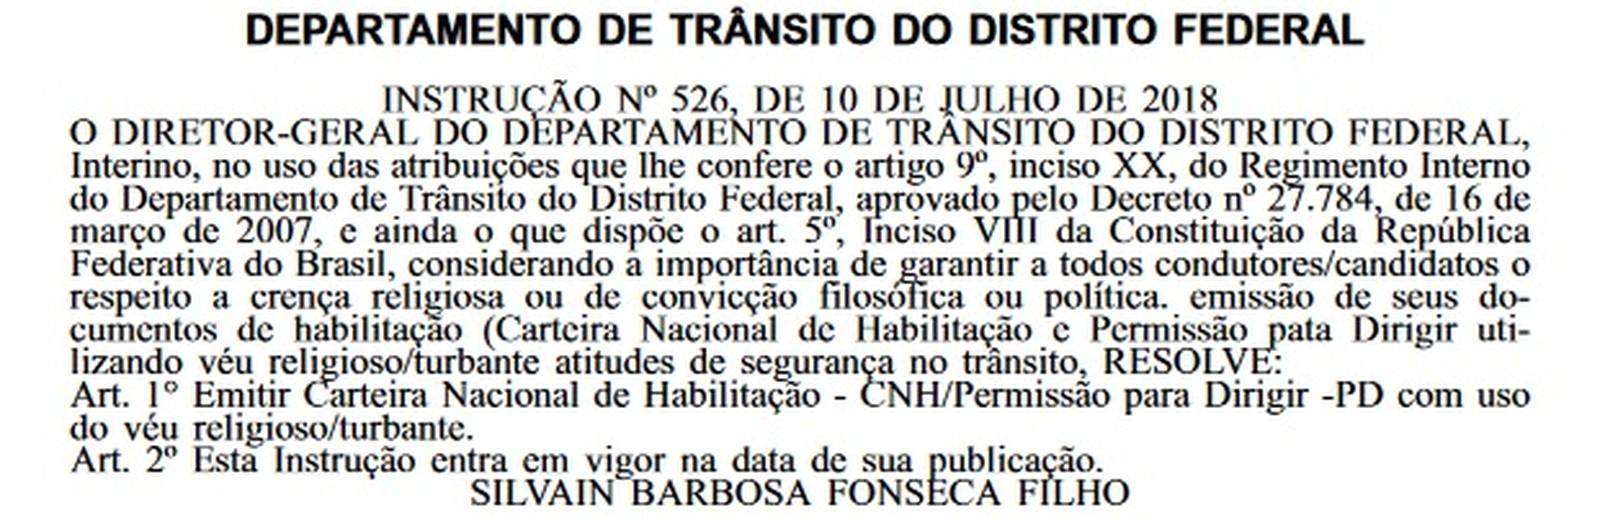 O Departamento de Trânsito do Distrito Federal publicou, no dia 12 de julho, uma Instrução que permite que o uso de véu na foto da CNH.